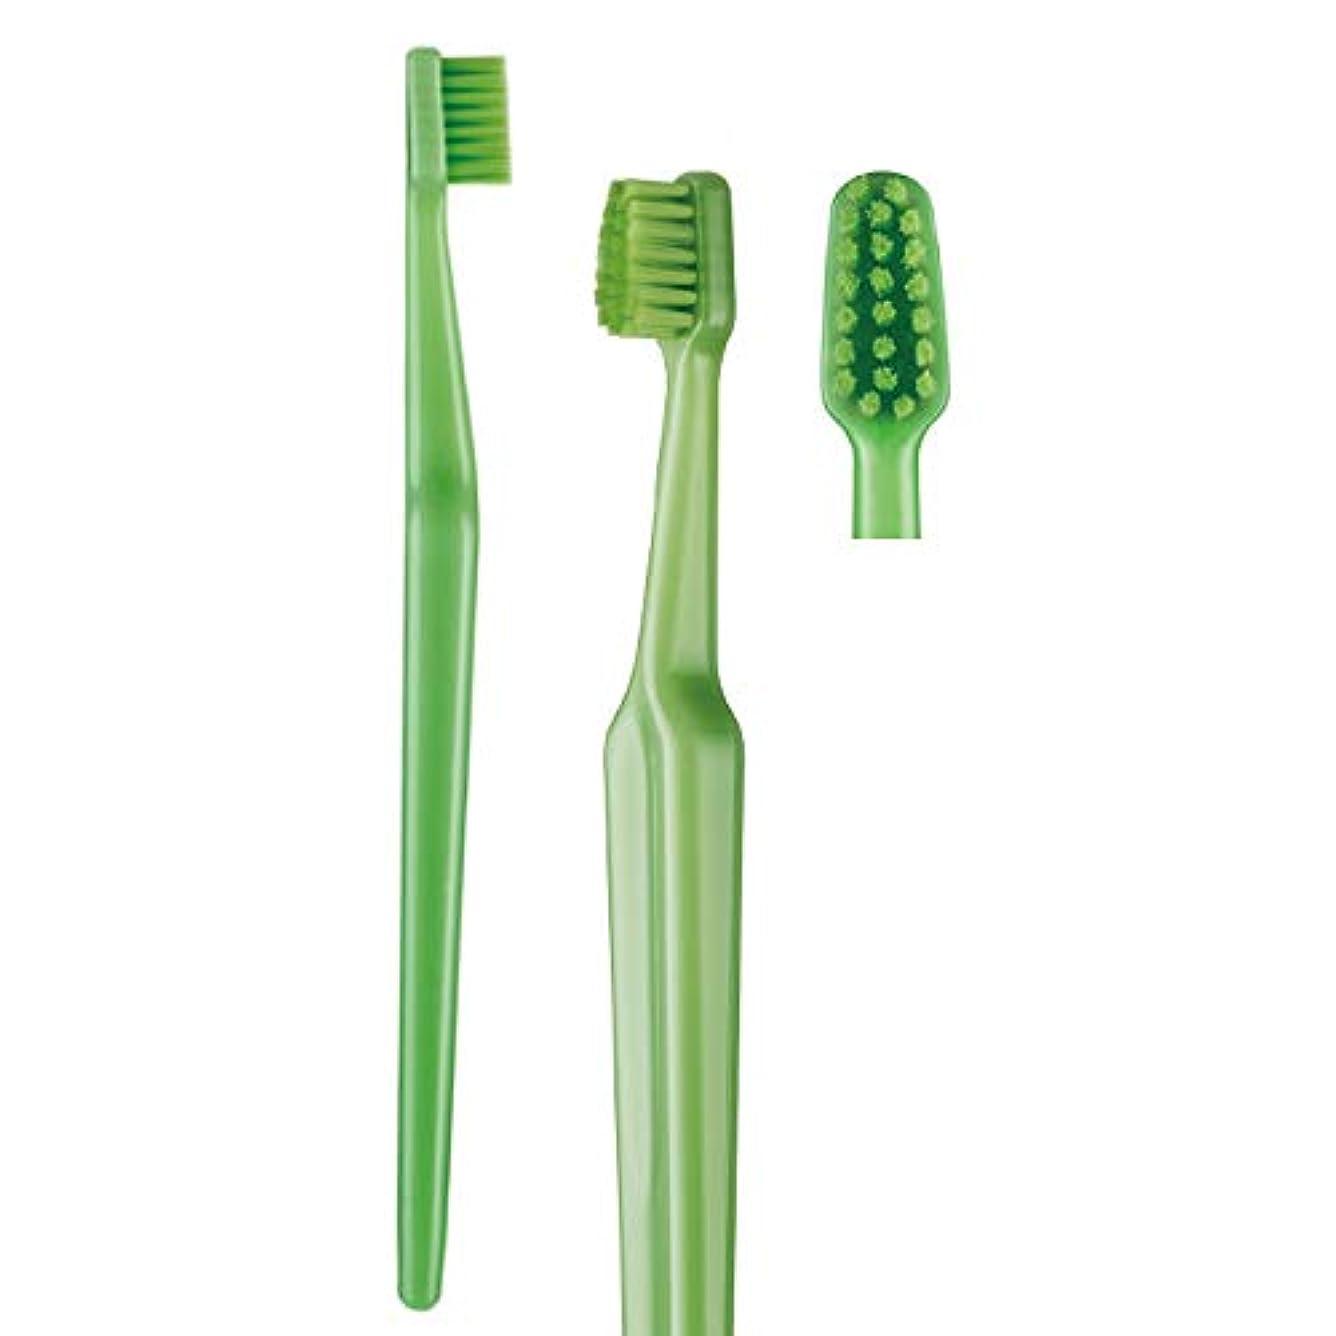 長椅子ロマンチック事歯科専売品 大人用歯ブラシ TePe GOOD (グッド) ミニ エクストラソフト(超やわらかめ) ヘッド小 1本